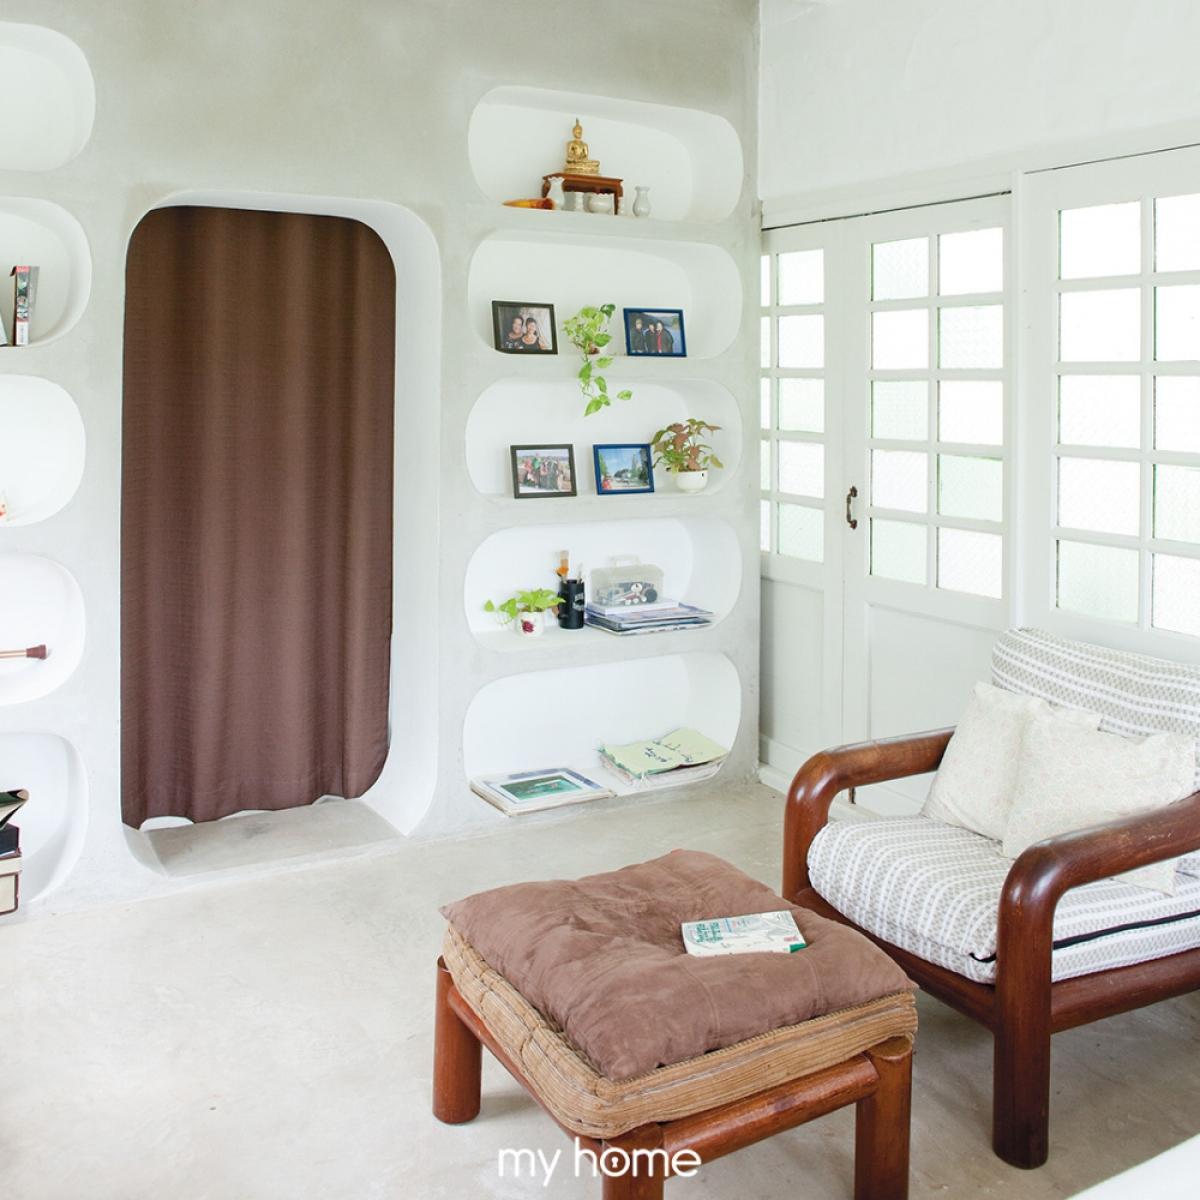 Thay vì sử dụng cánh cửa kín bít, ở đây chủ nhân lại dùng rèm để ngăn cách phòng ngủ và phòng tắm.